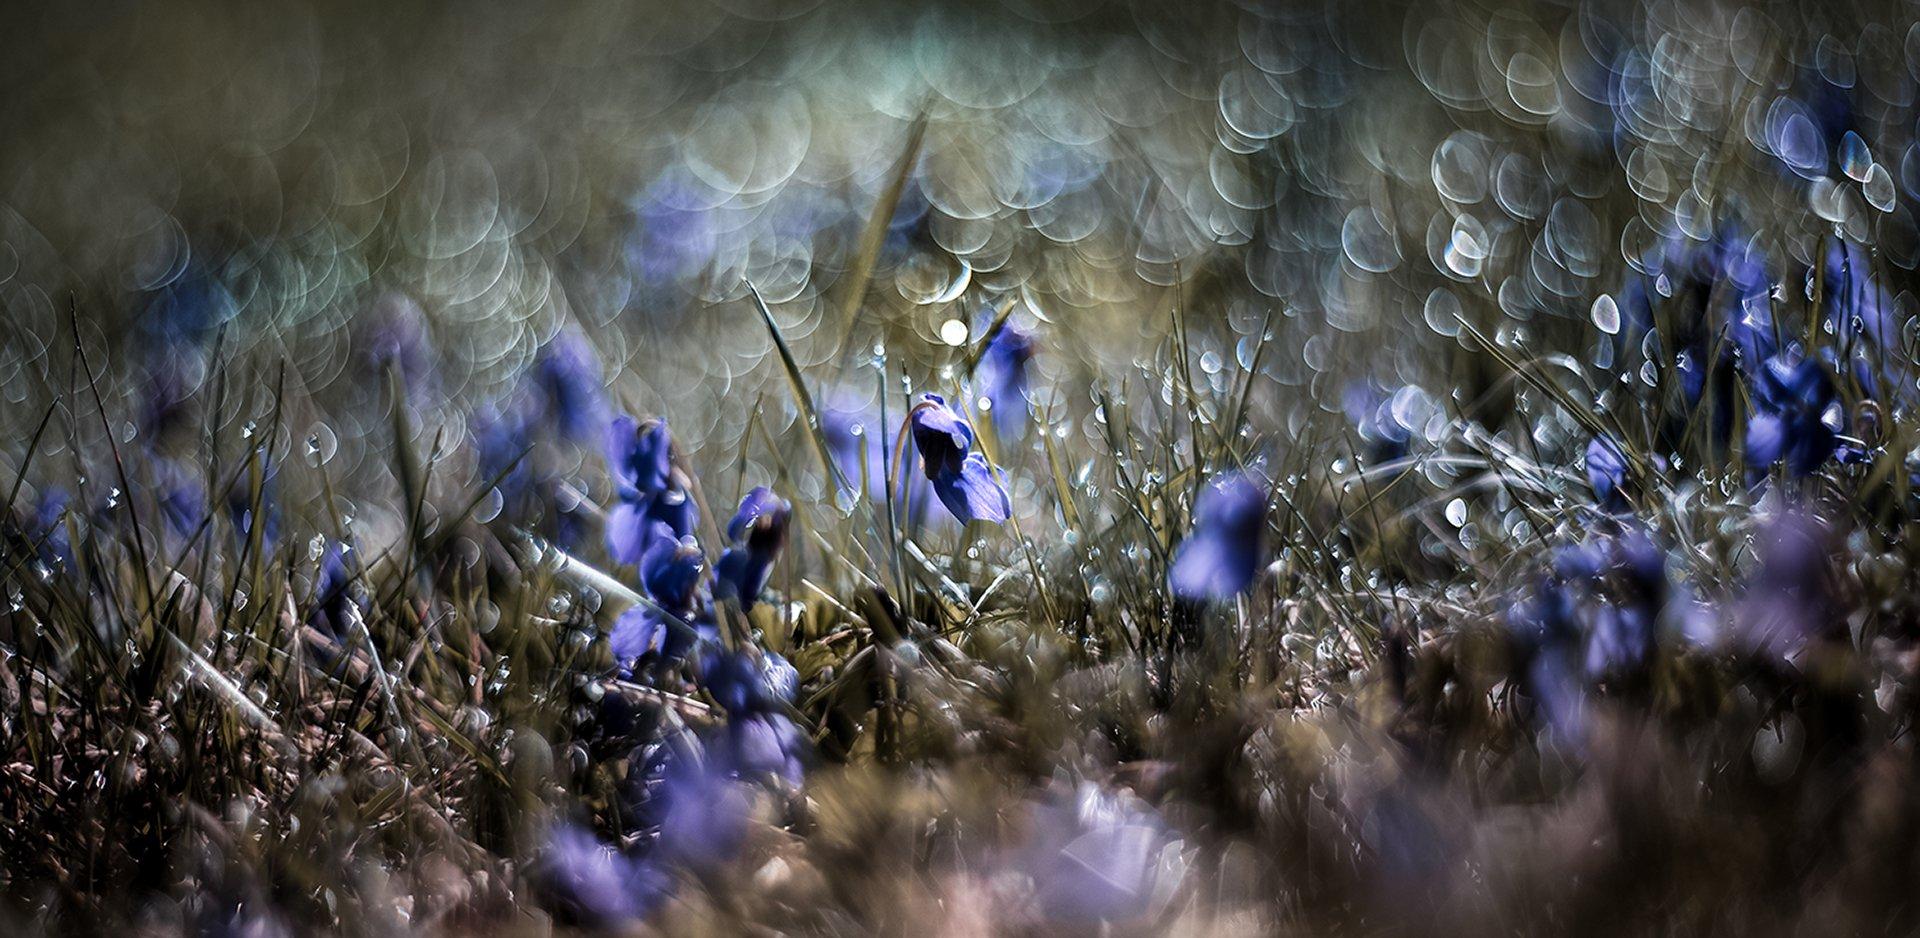 природа, макро, весна, цветы, фиалки, роса, боке, Неля Рачкова